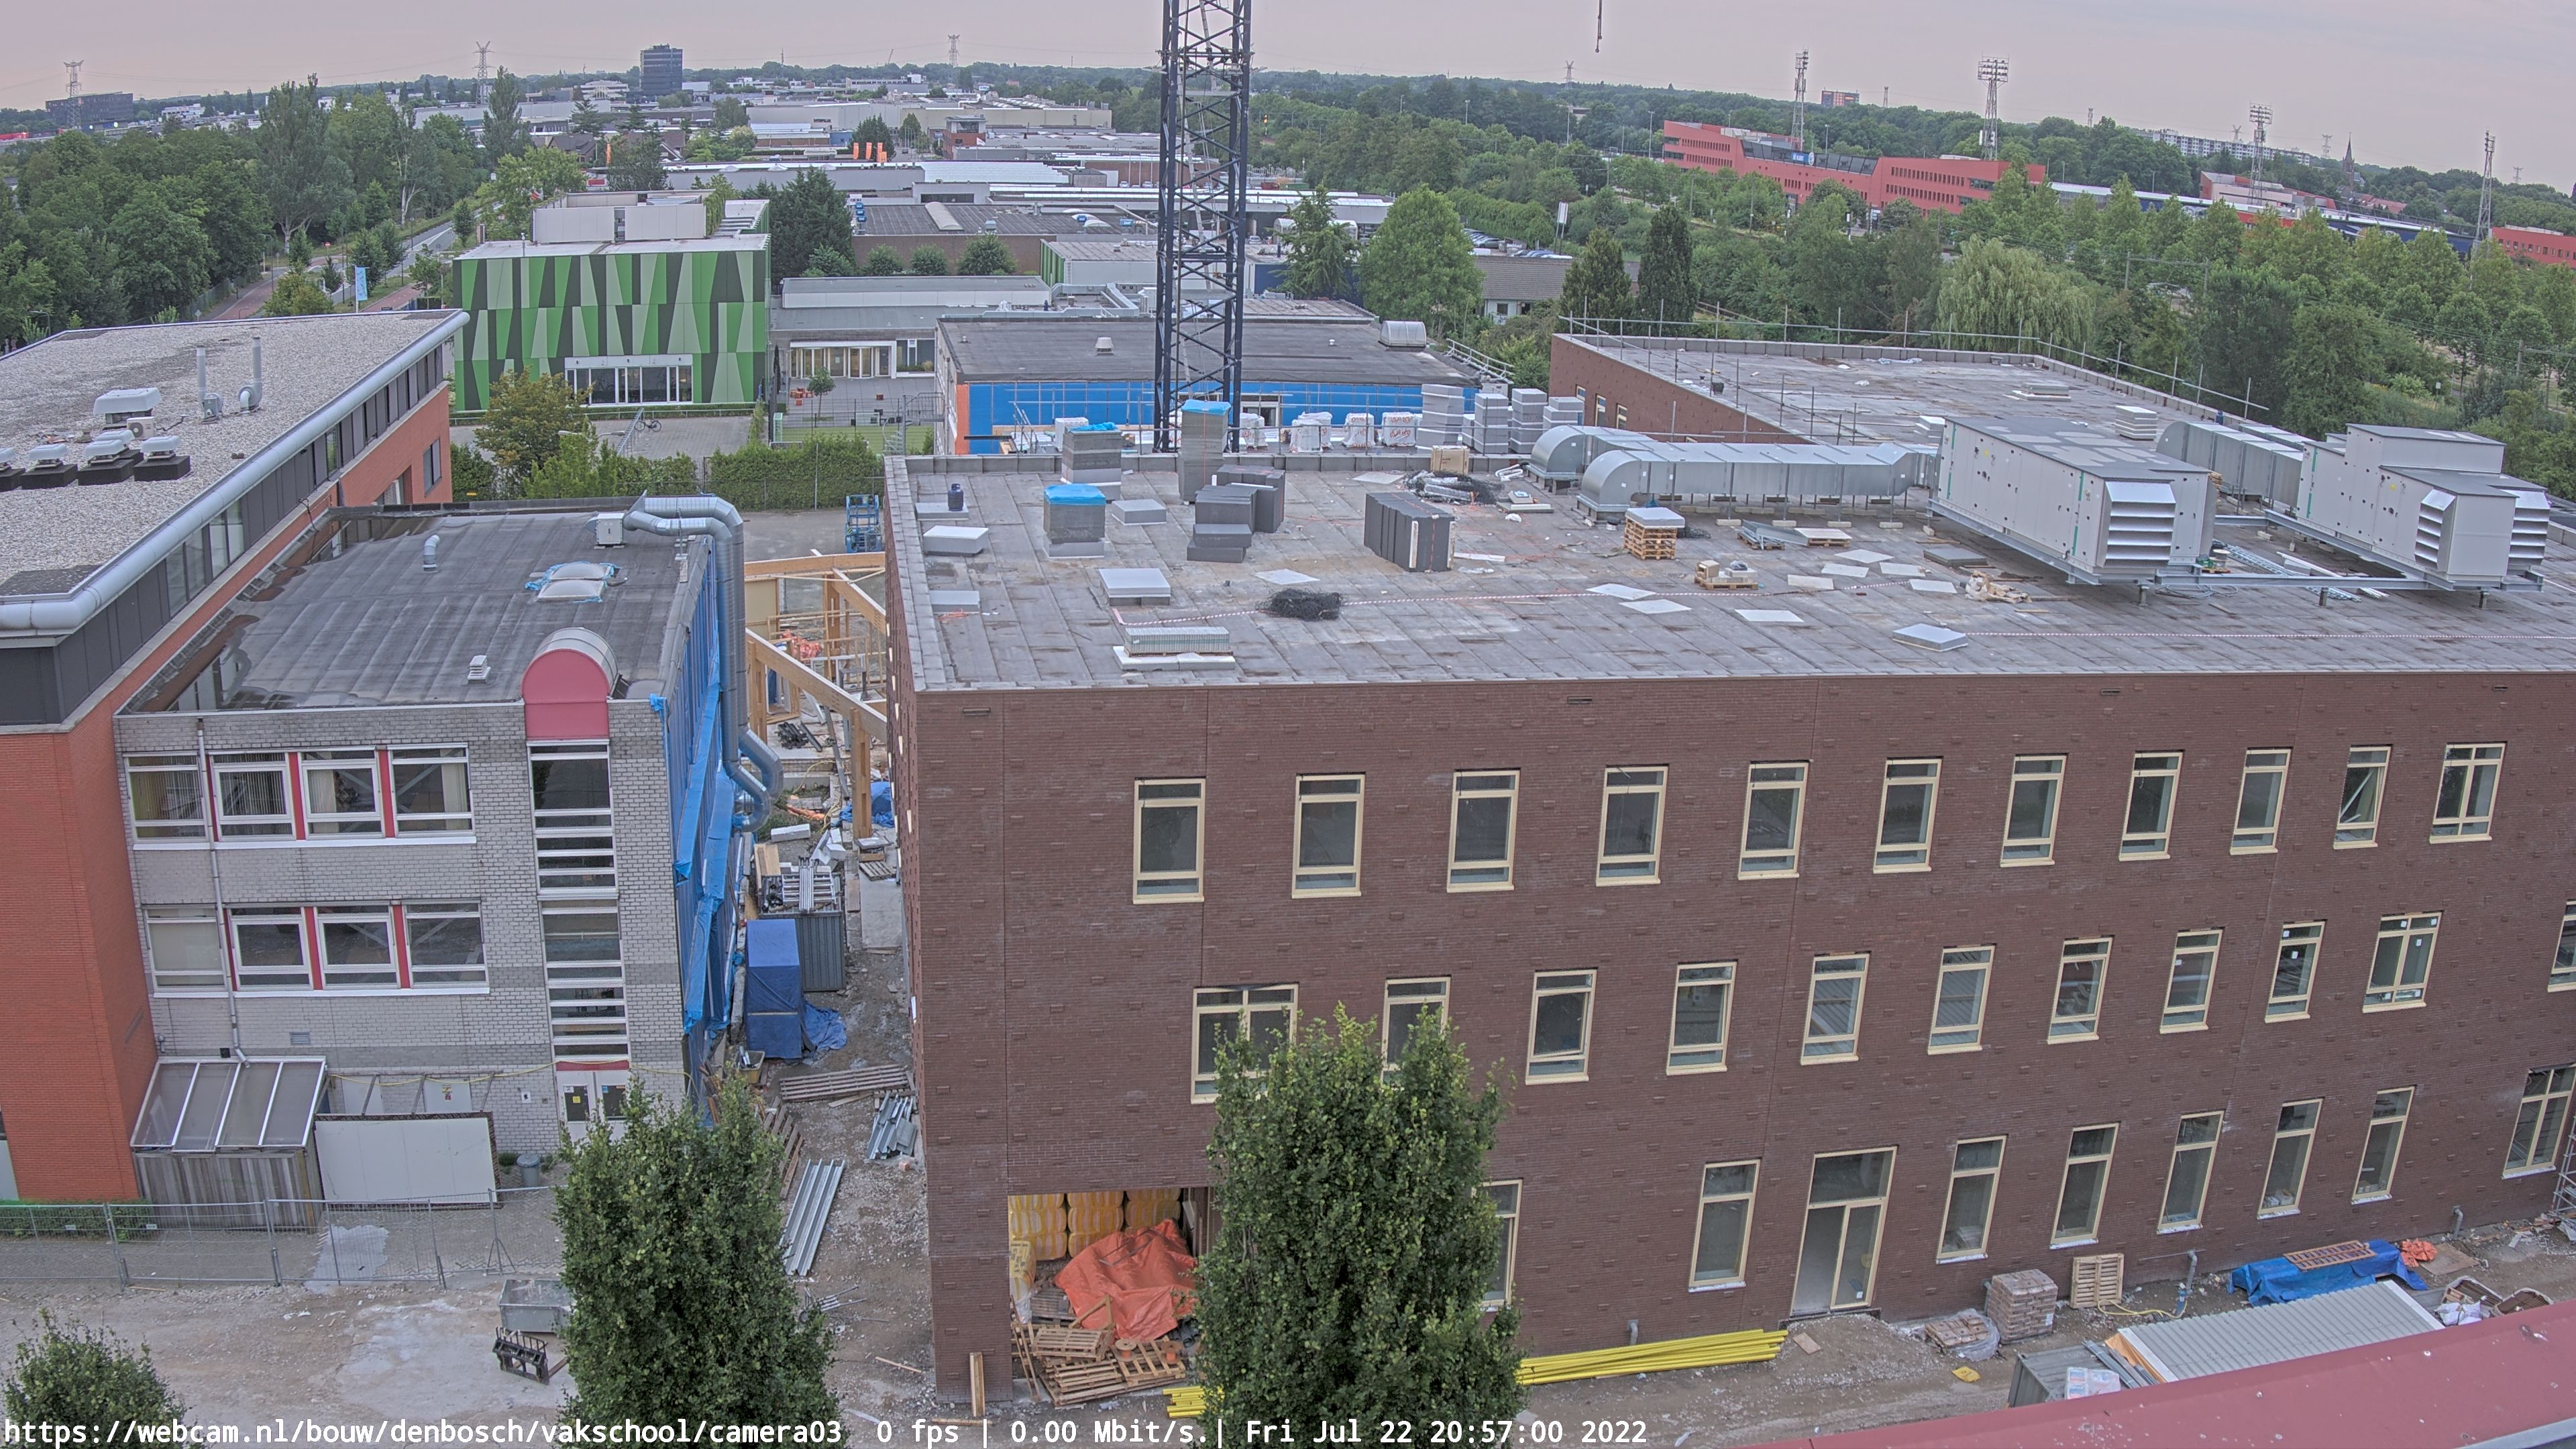 WebCam.NL | ultraHD 4K camera Den Bosch.